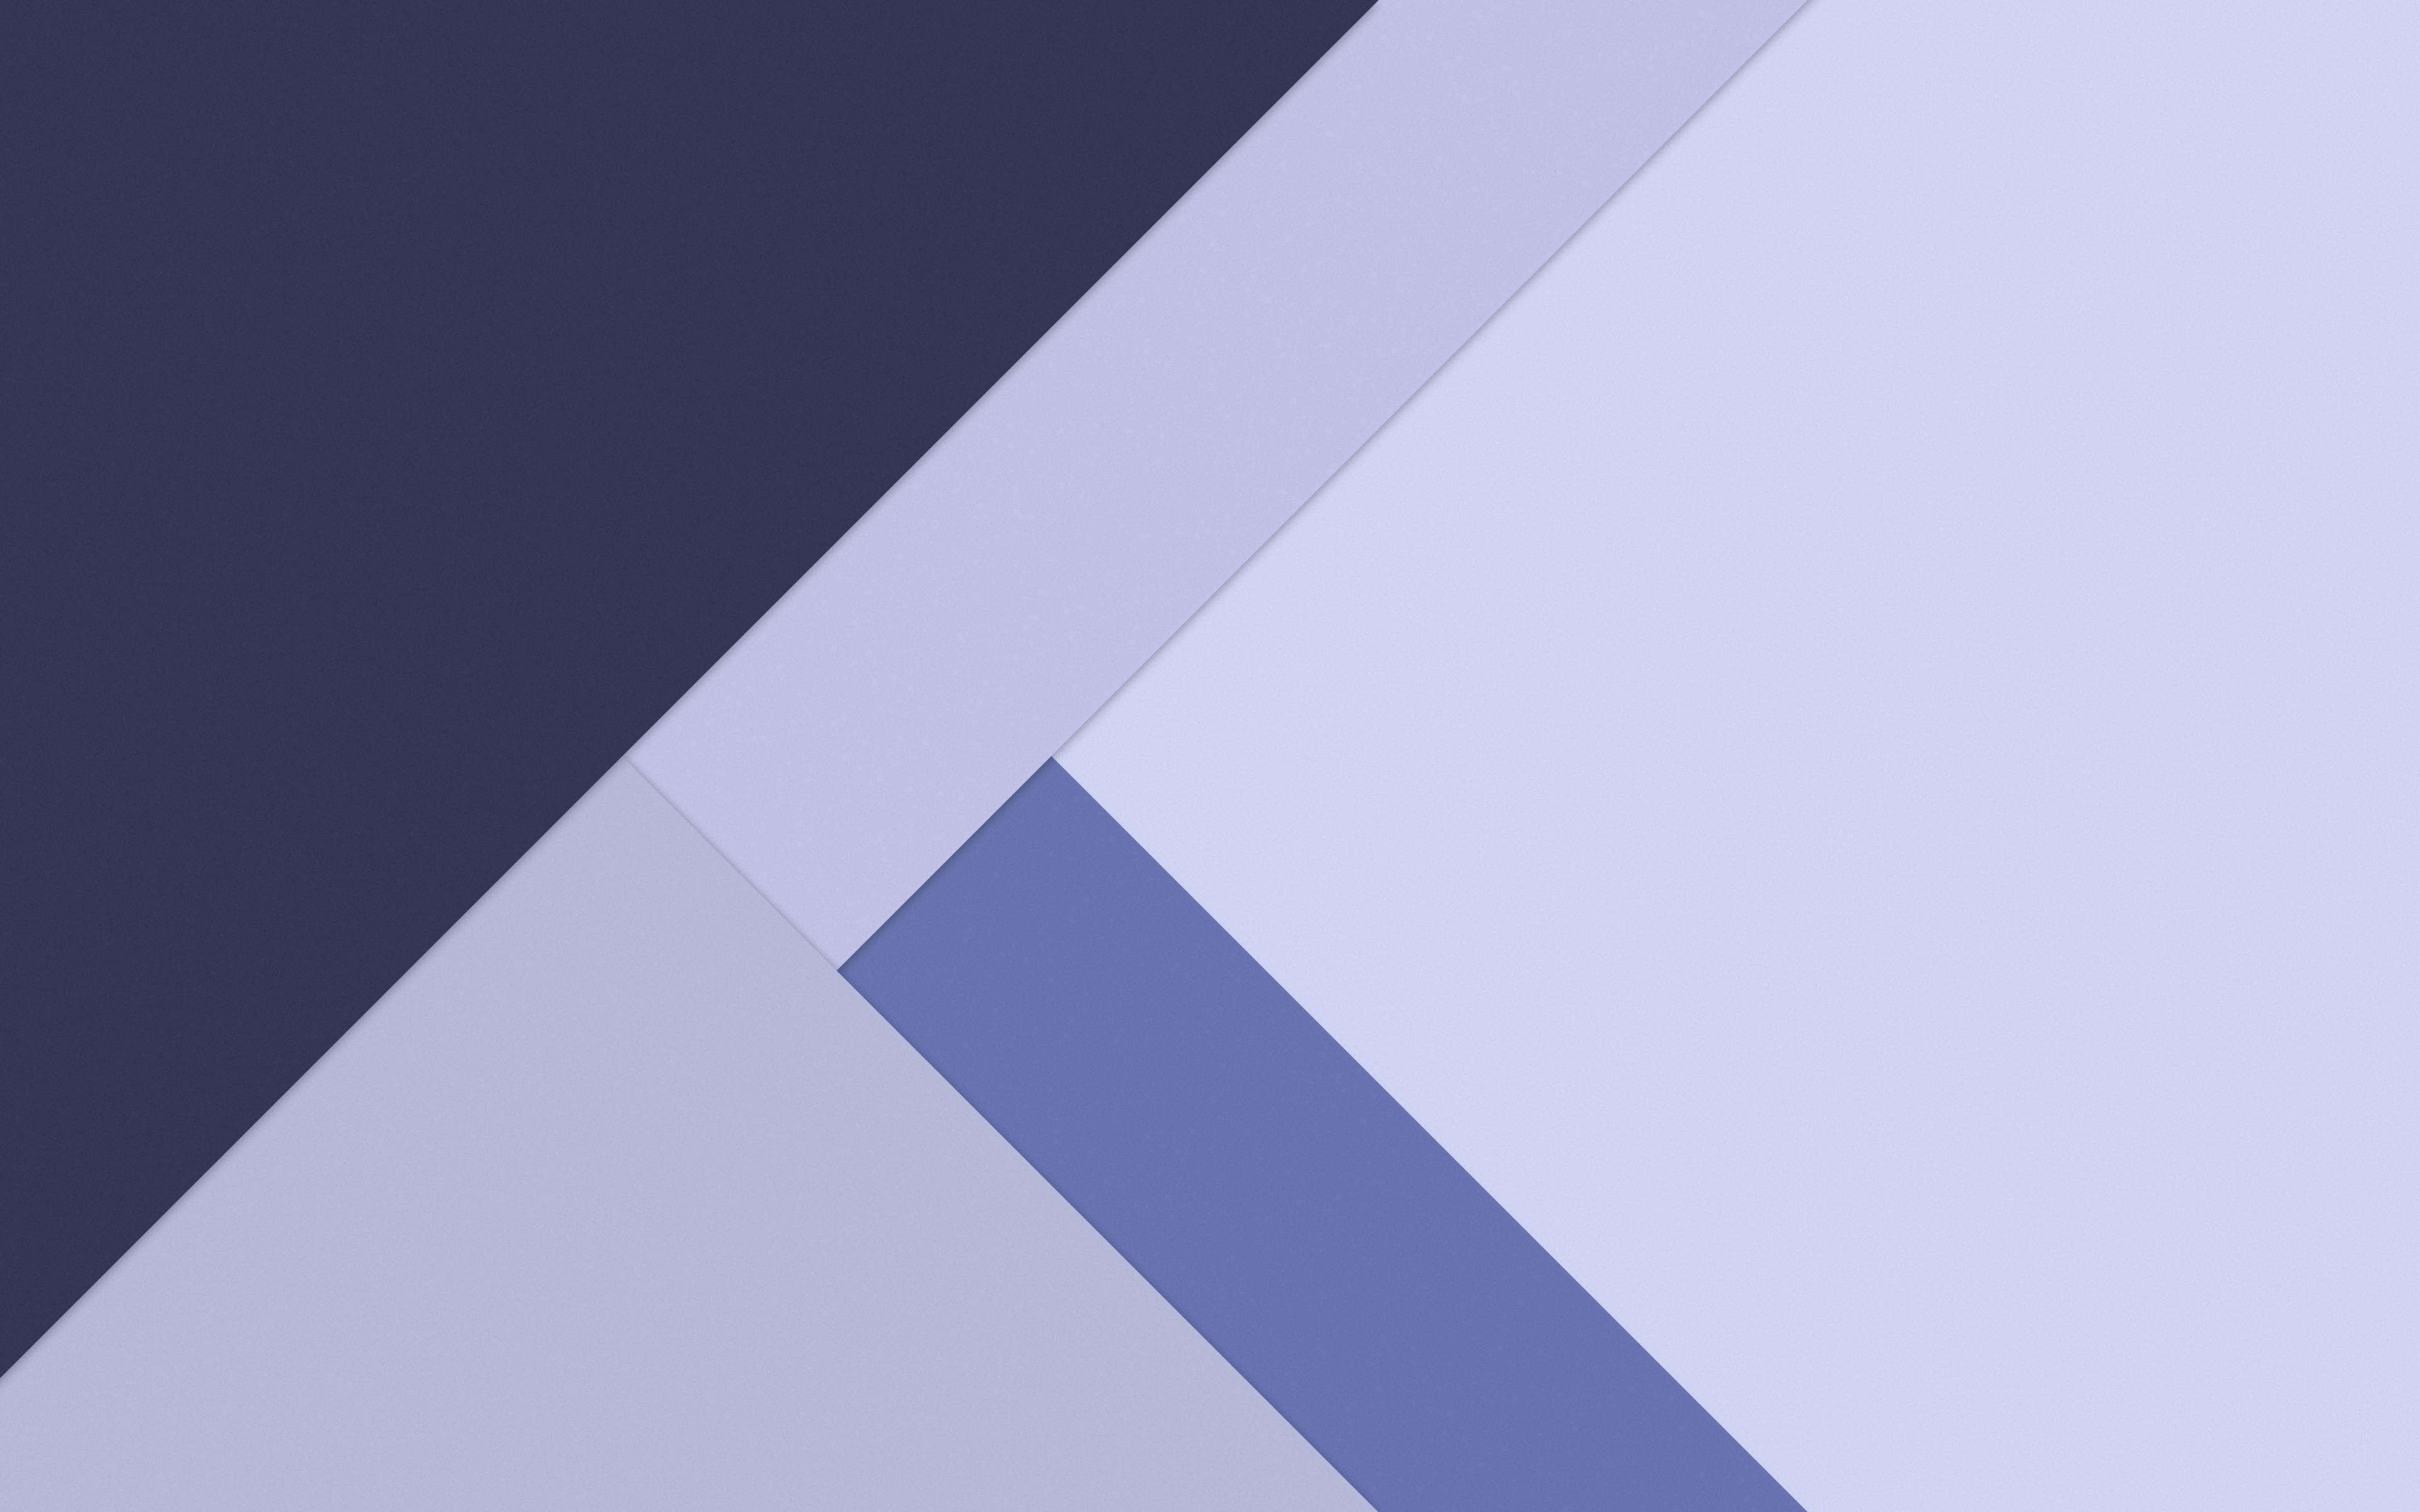 material-stripes-design-je.jpg